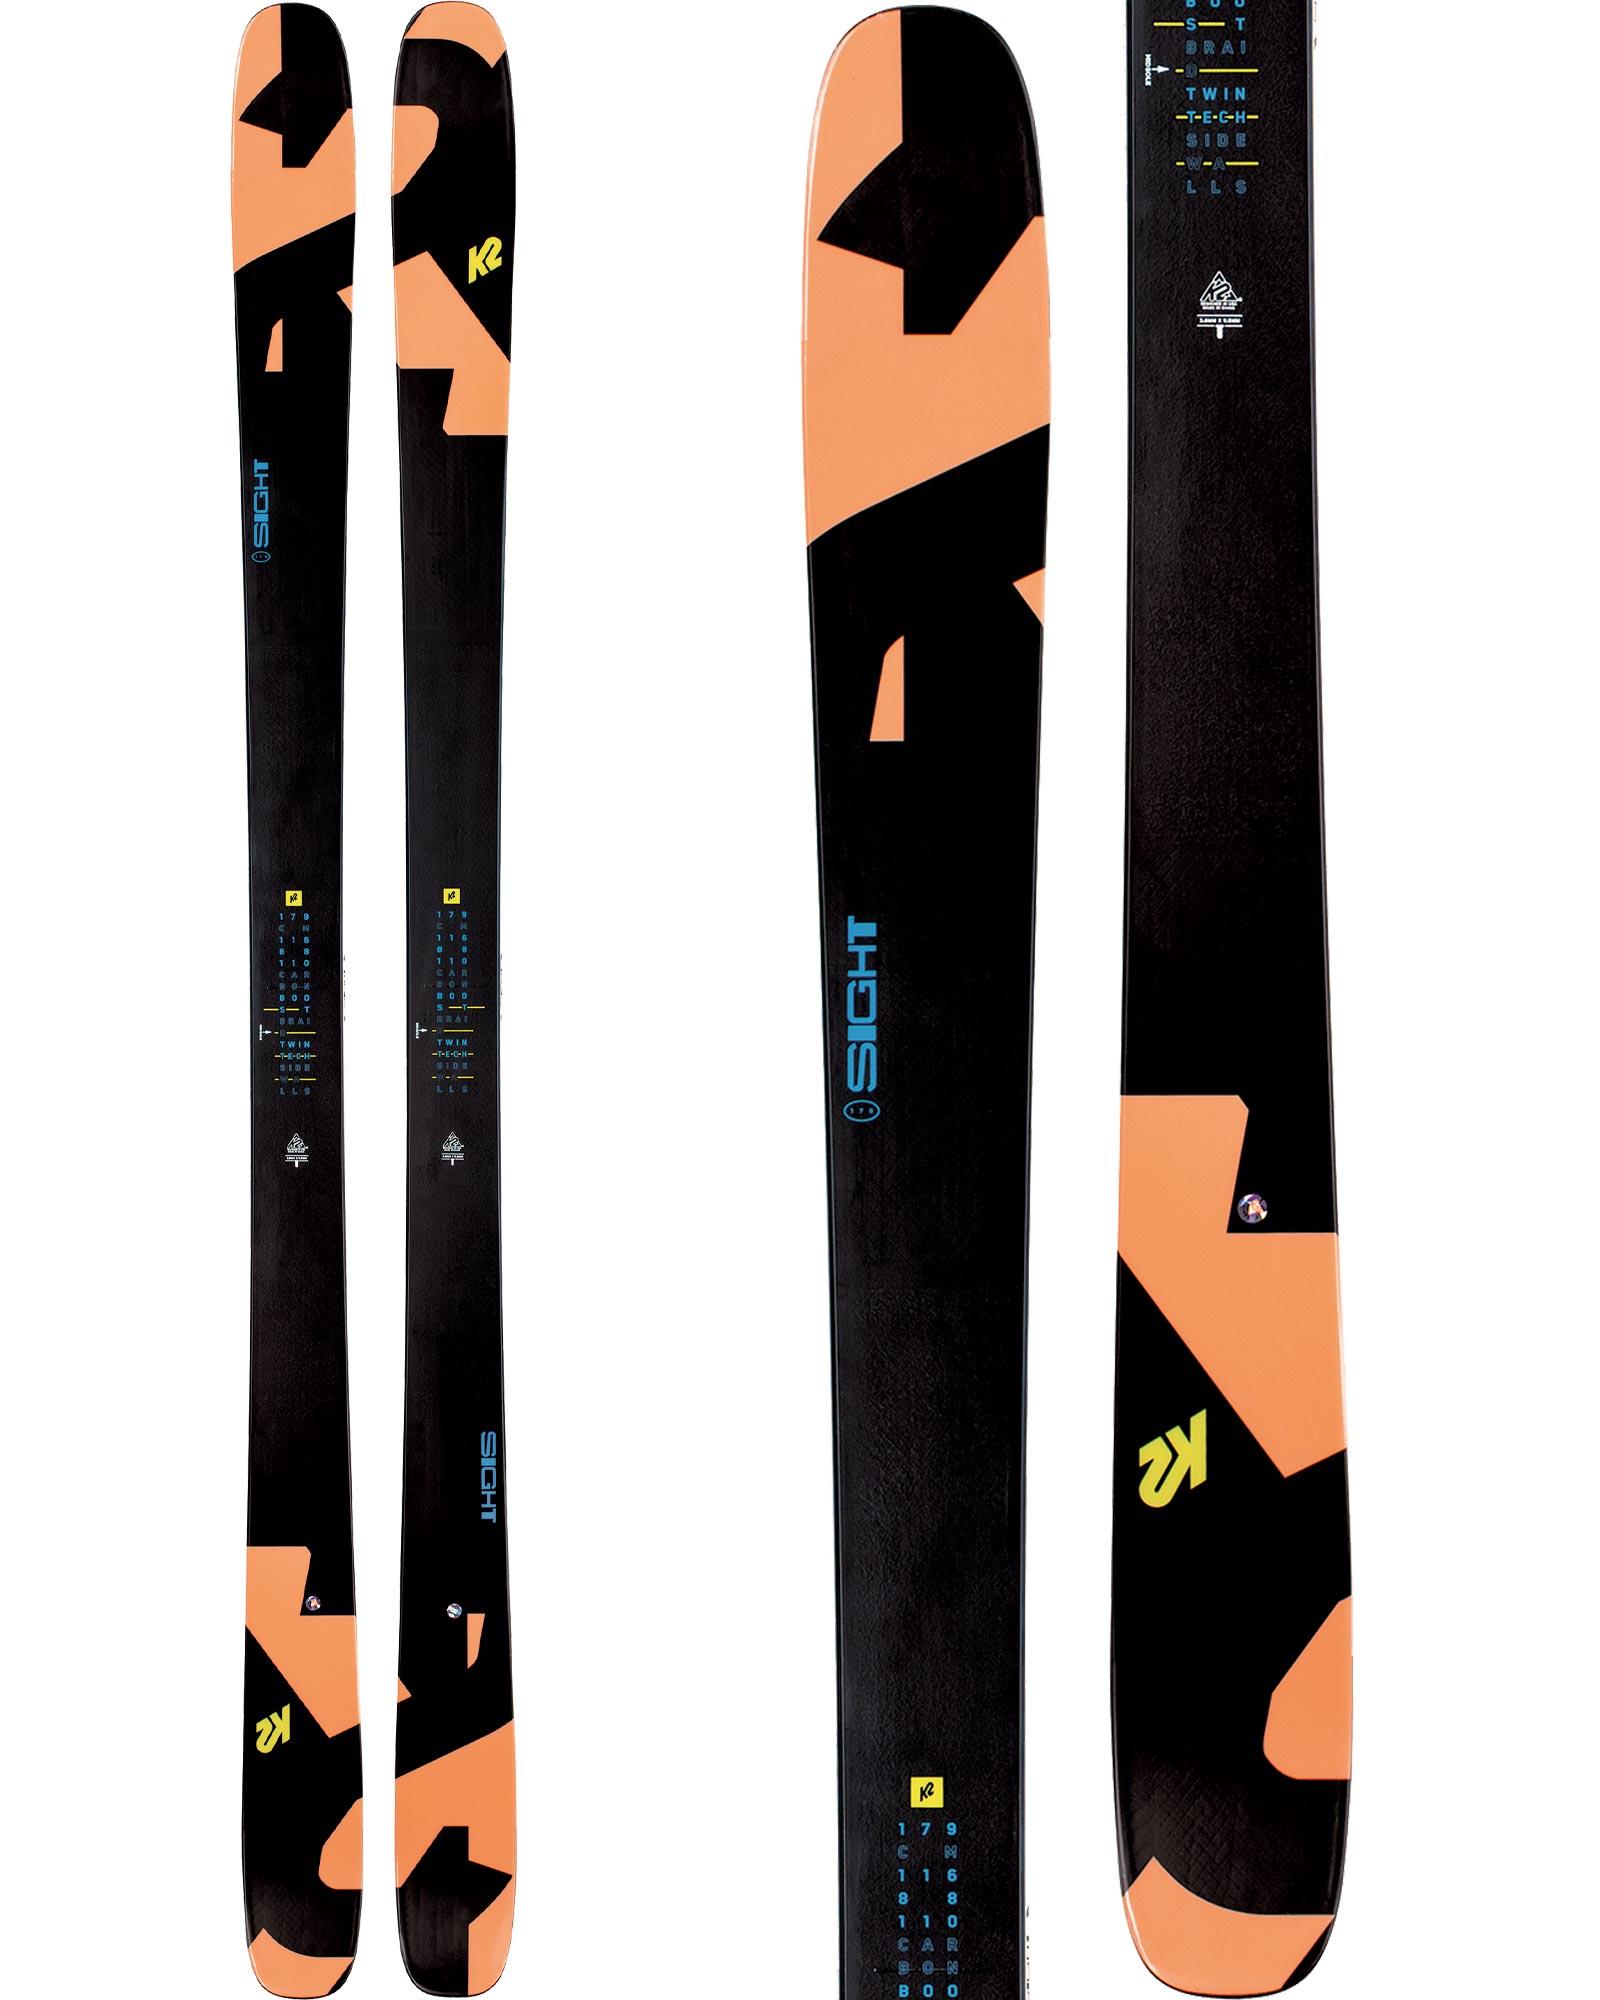 Leki Voyager Walking Poles